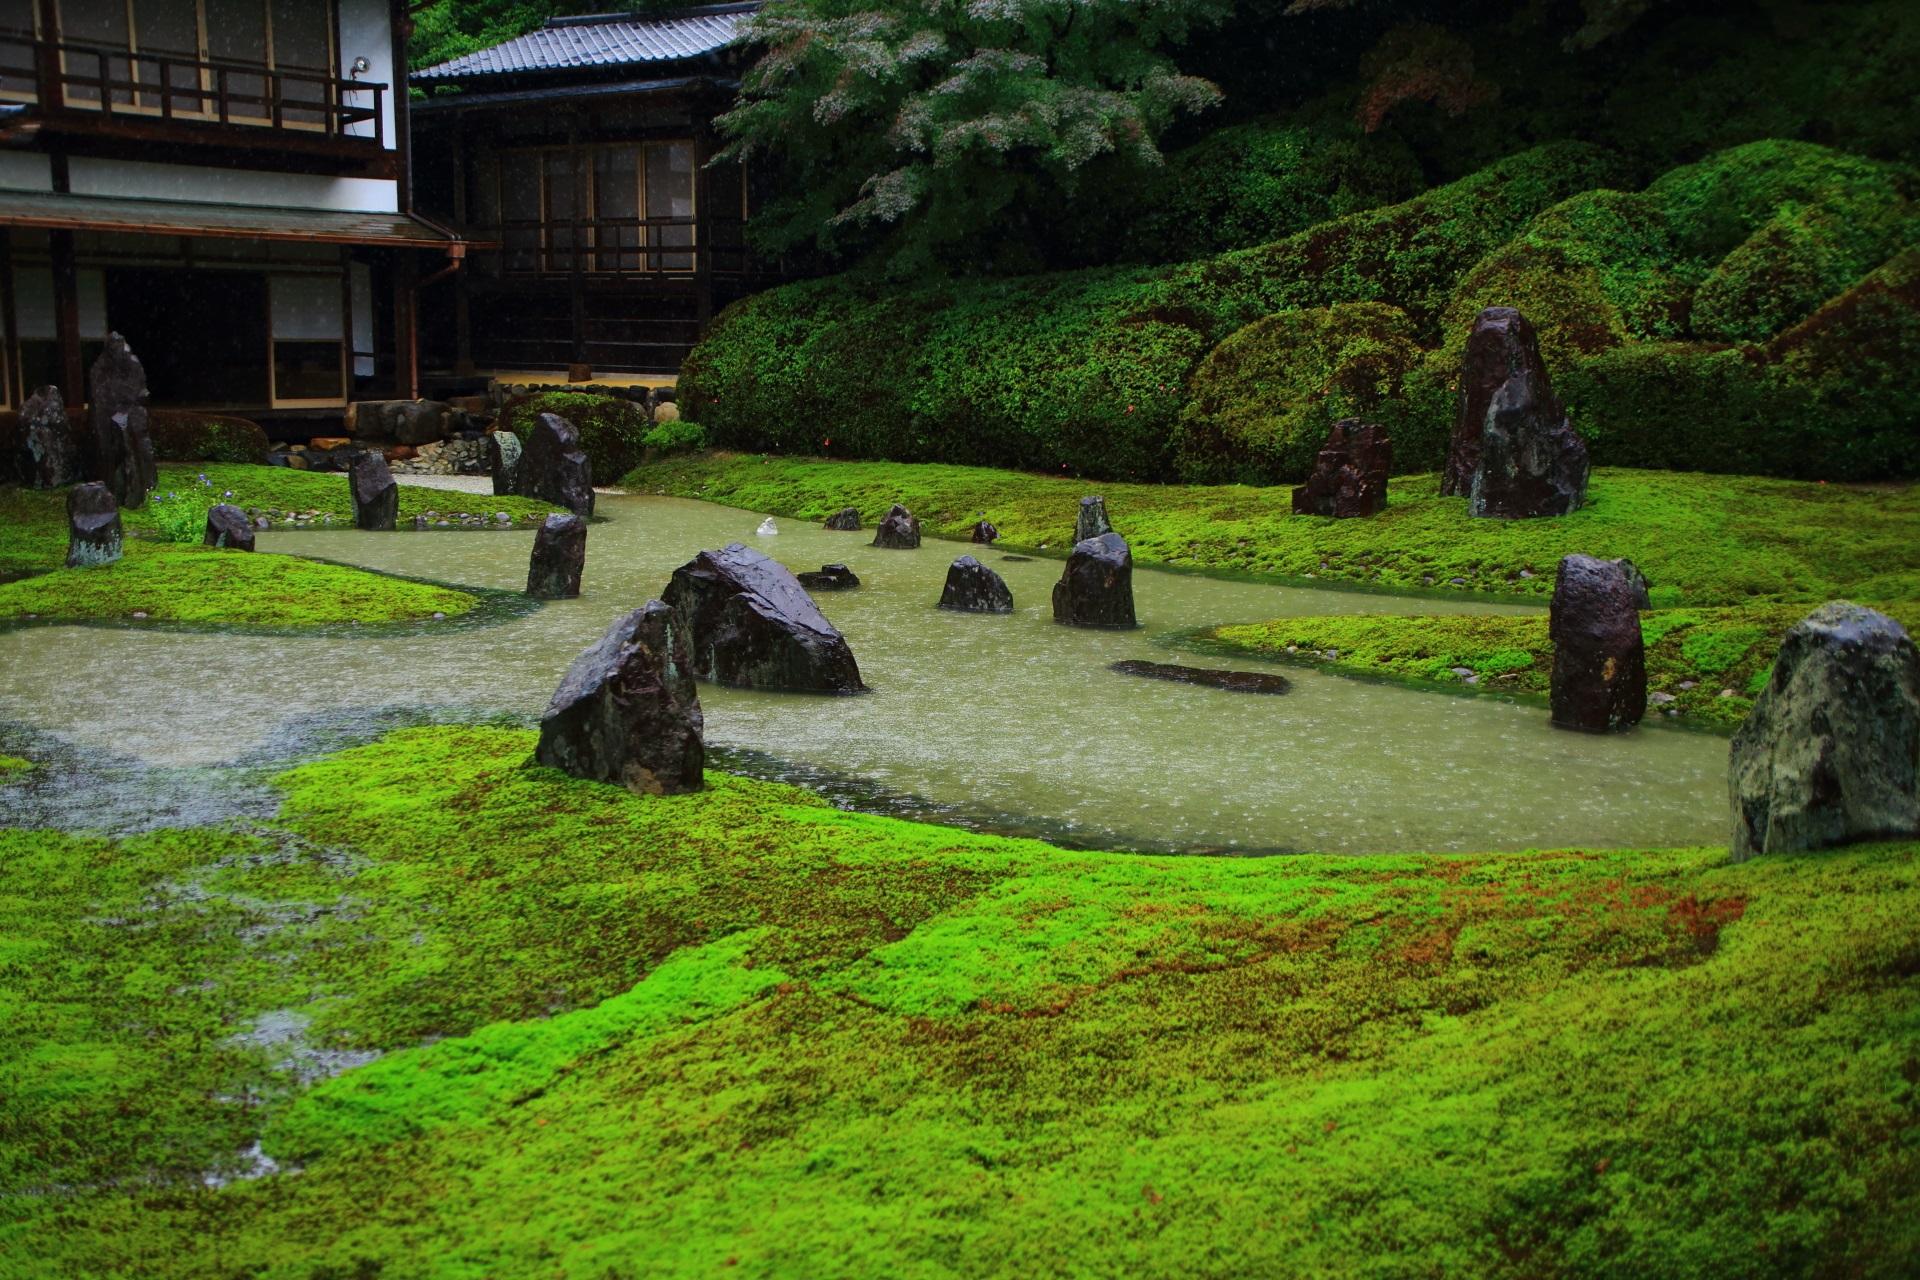 築山の方から眺めた緑と水の雰囲気の違う波心庭